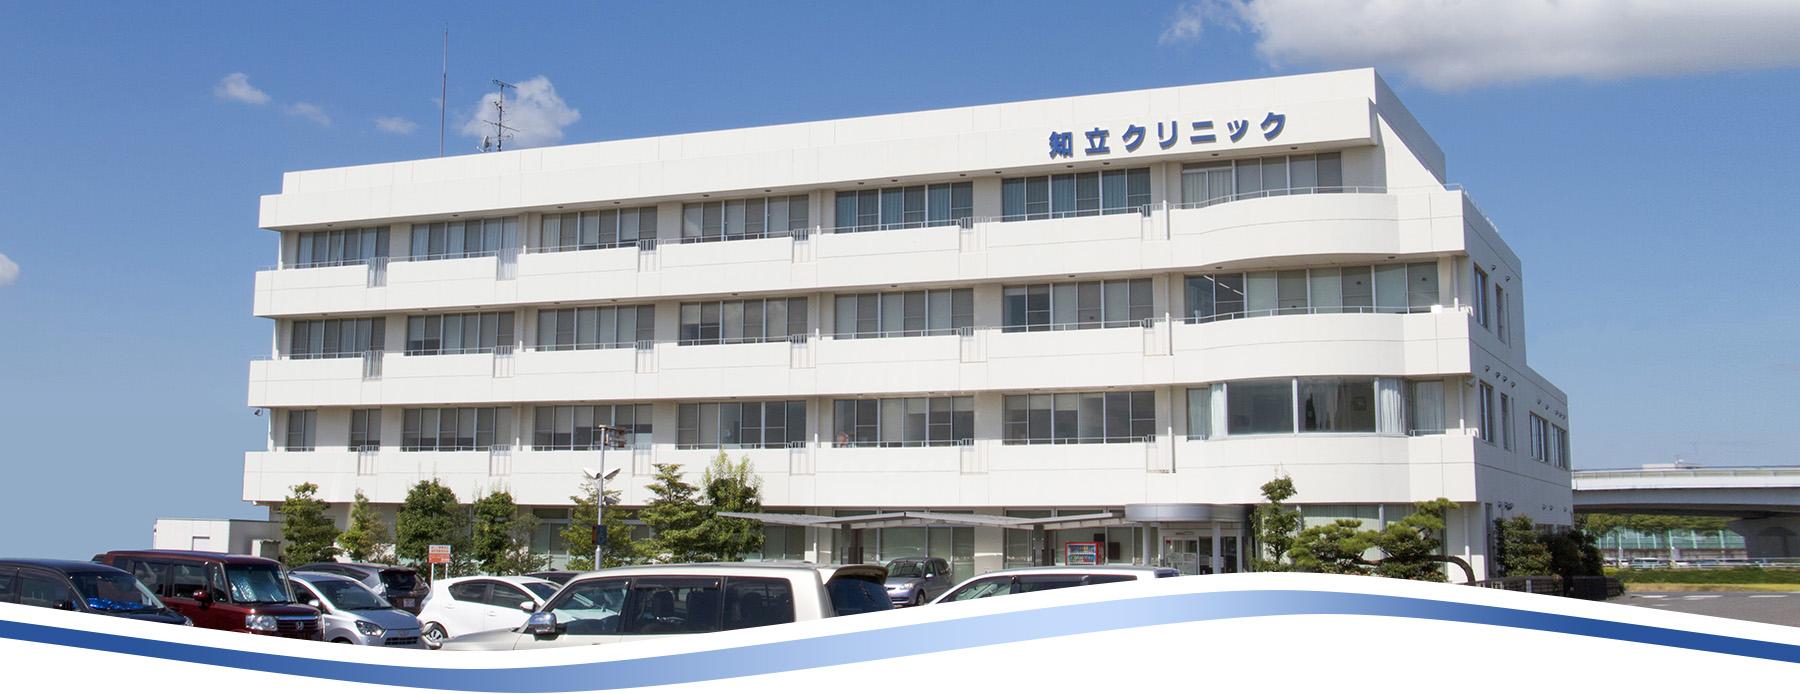 中京 病院 コロナ